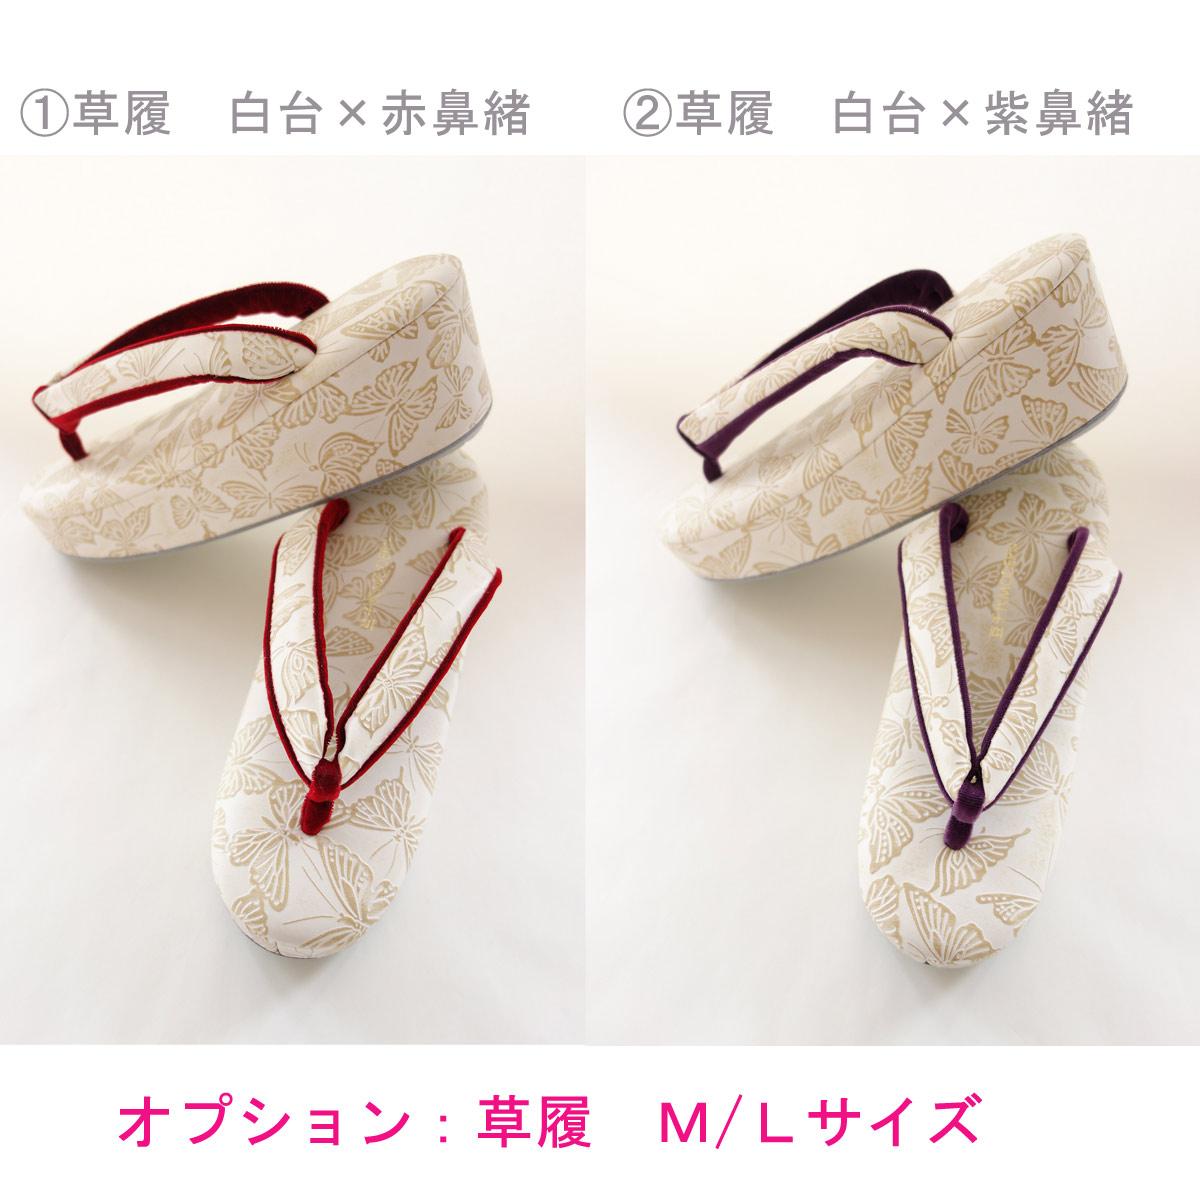 【レンタル】振袖 花くす玉 ピンク